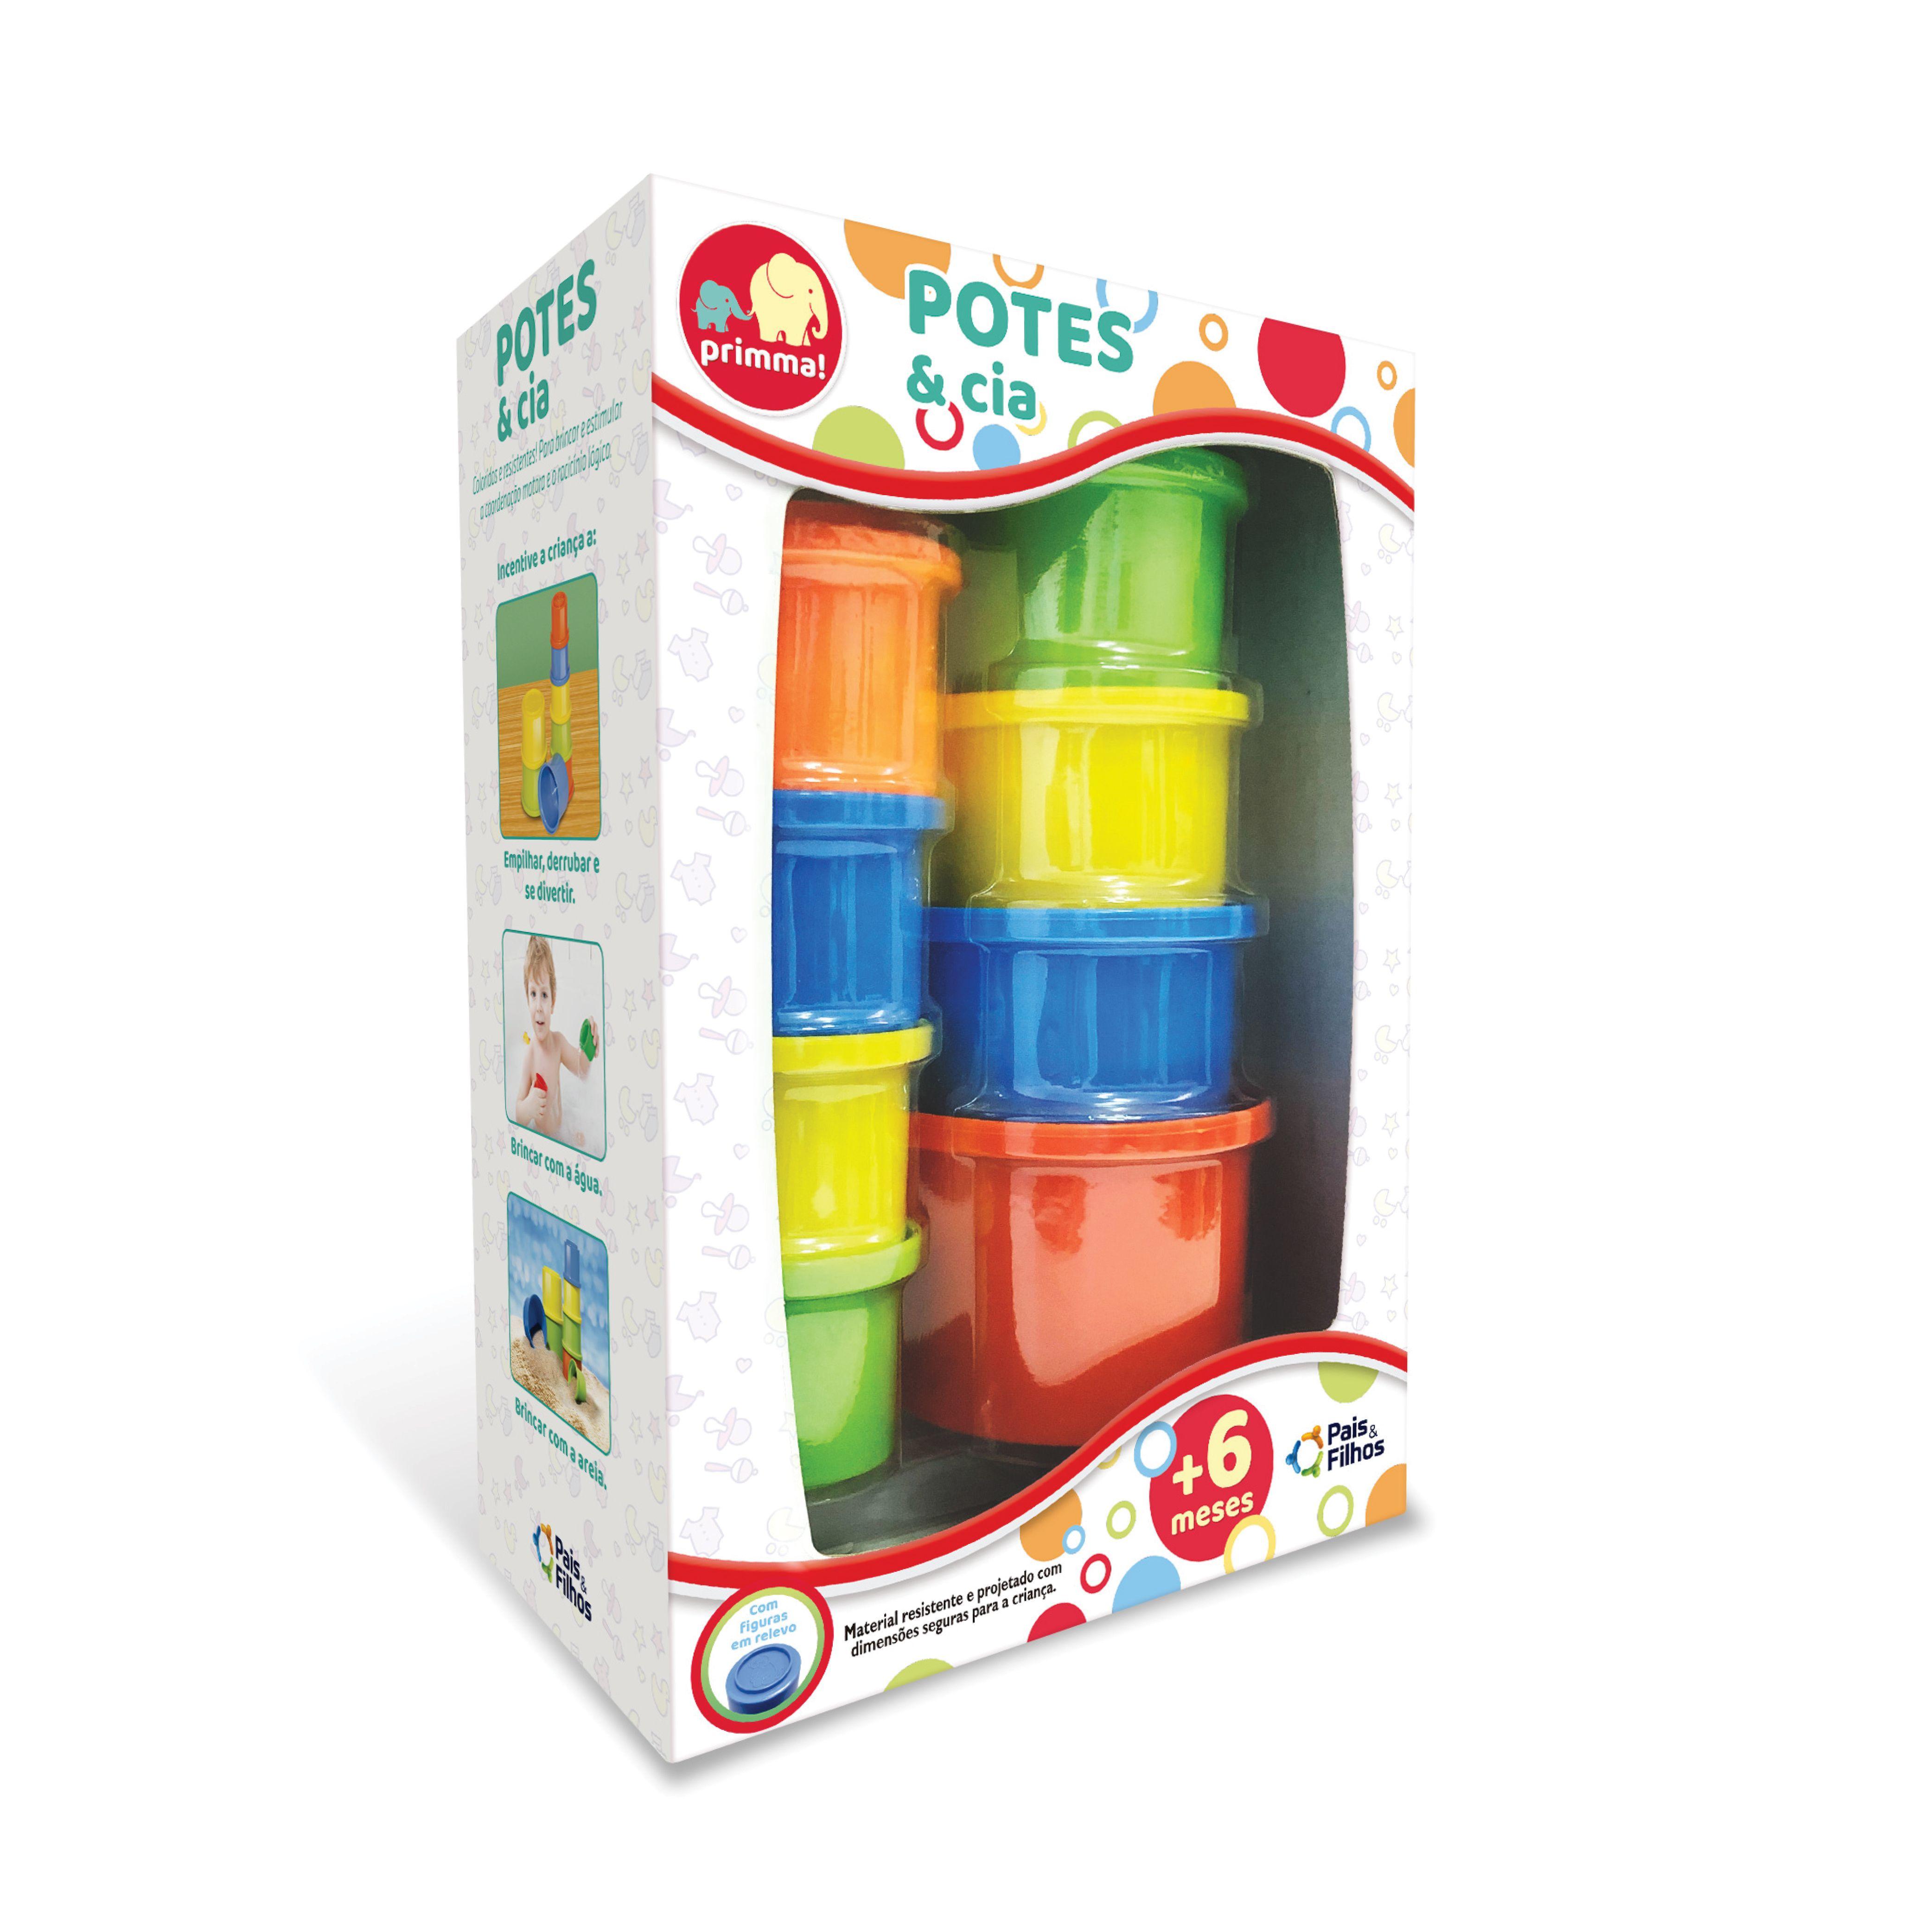 Potes & Cia-10841